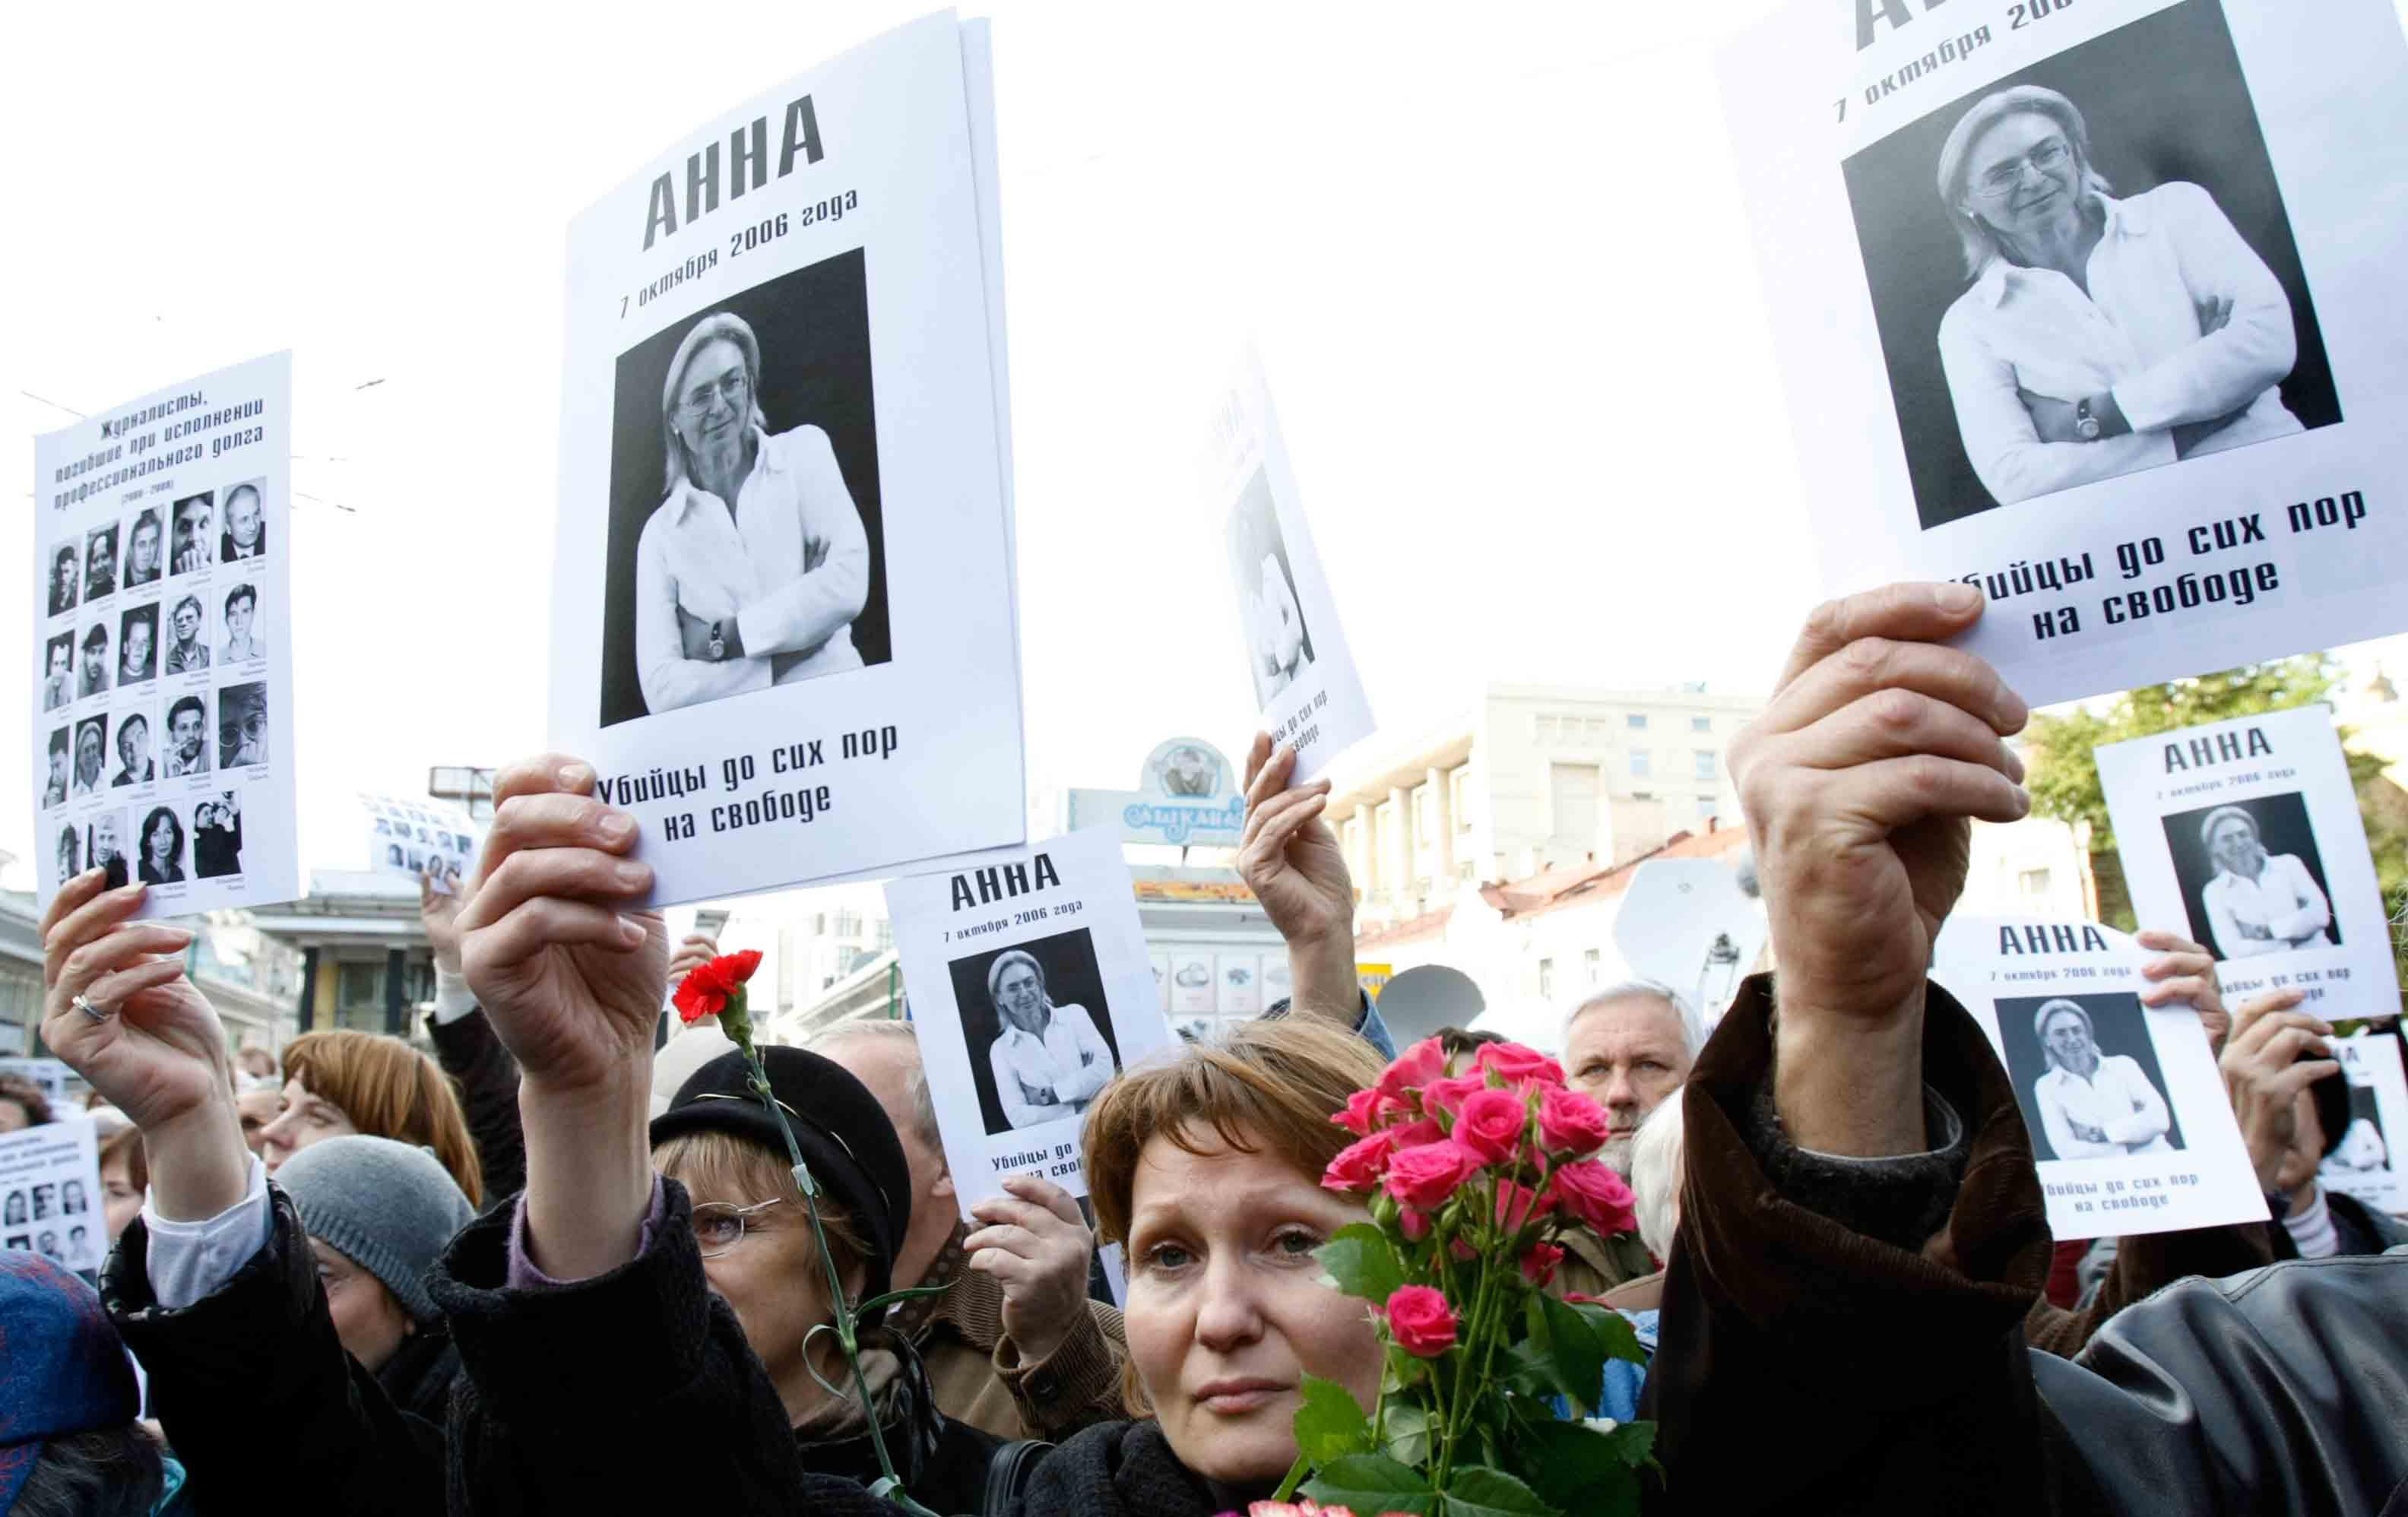 Anna_Politkovskaya_rtr_img.jpg